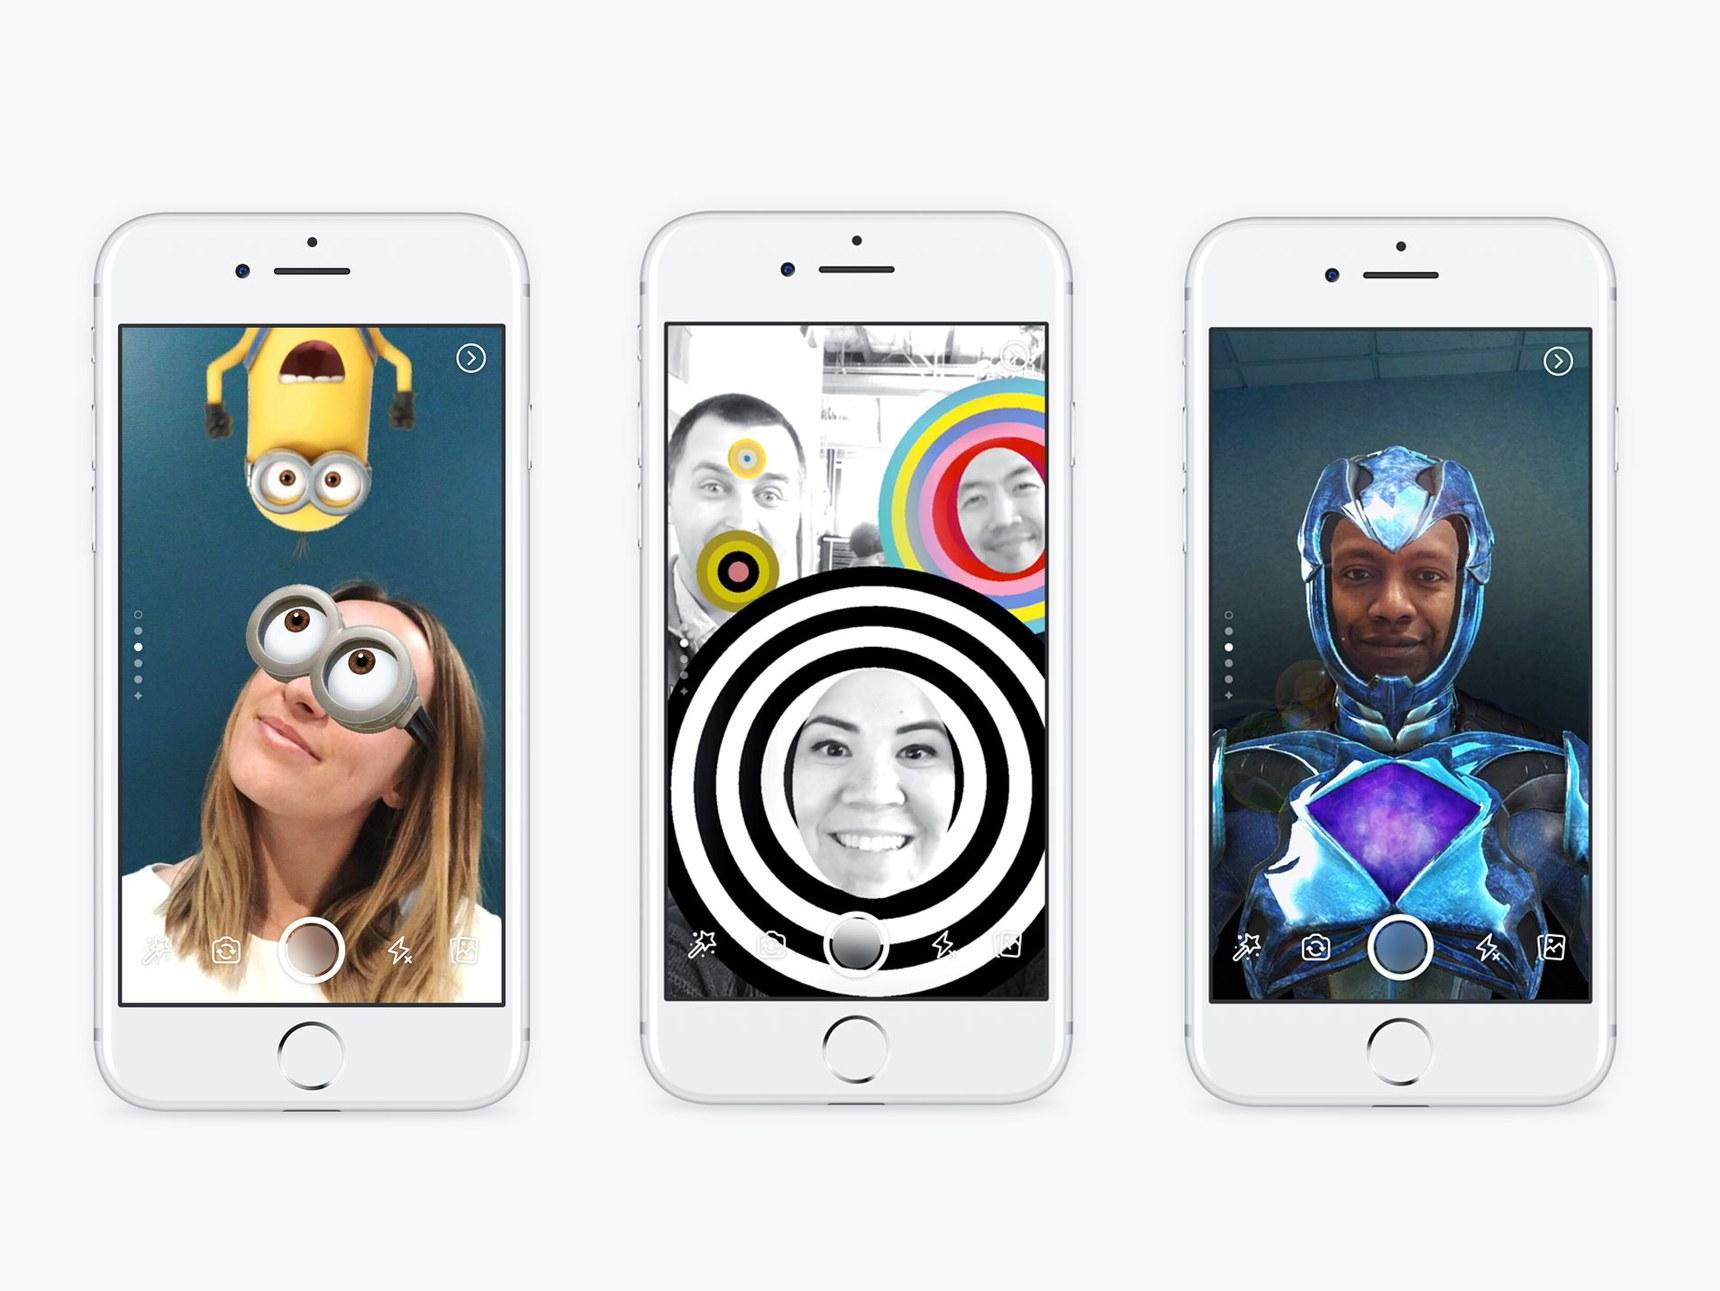 Facebook добавляет в свое приложение функционал Snapchat. Фото: wired.com